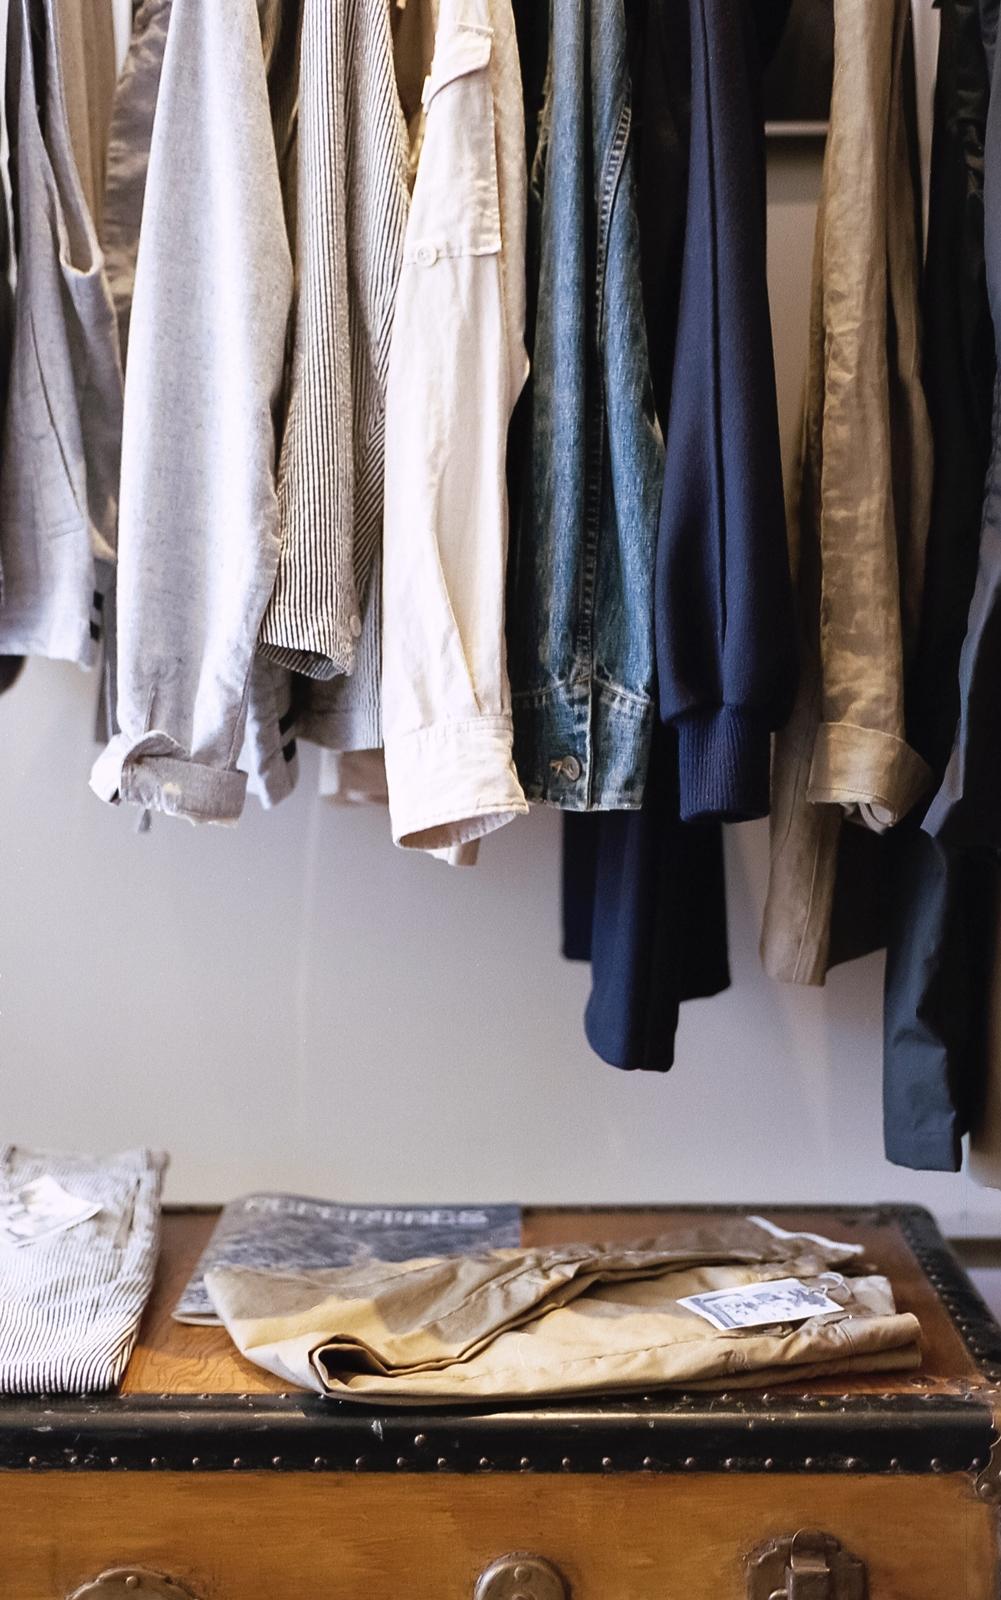 Kleiderschrank ausmisten - die besten Tipps und Tricks - einfache Hacks für einen ordentlichen Schrank - so hast du immer was zum anziehen - Ein voller Schrank und nichts anzuziehen? Mit diesesen Tipps und Tricks hast du dieses Problem nicht mehr - ein aufgeräumter Kleiderschrank - Kleiderschrank sortieren - Kleiderschrank aussortieren - Kleiderschrank ausmisten minimalismus - perfect wardrobe - Fashionladyloves by Tamara Wagner - Fashion Blog - Mode Blog aus Graz Österreich